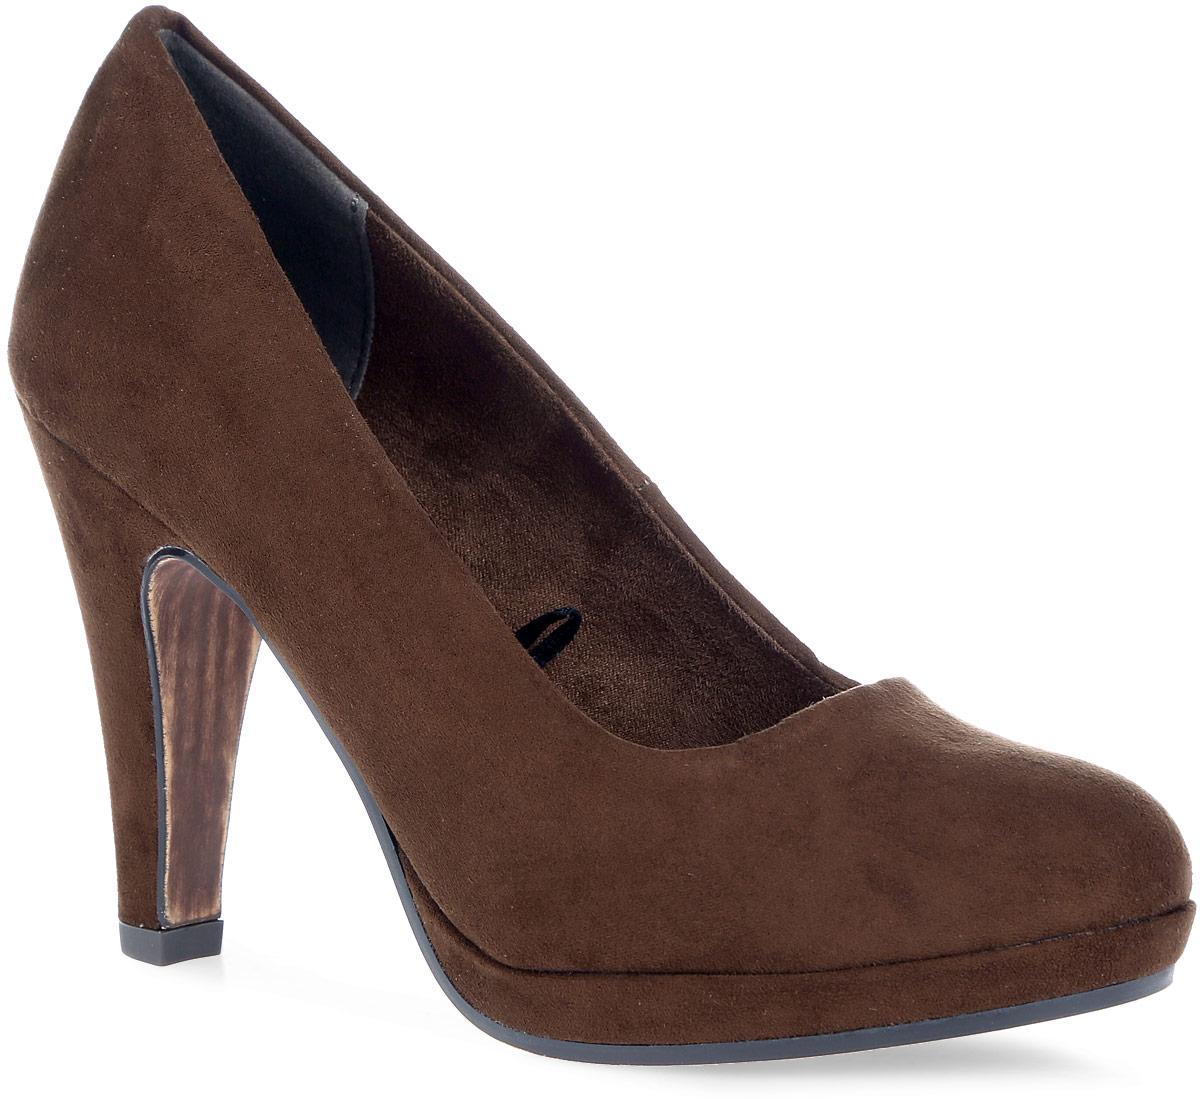 2-2-22441-37-305Изысканные туфли лодочки от Marco Tozzi добавят шика в модный образ и подчеркнут ваш безупречный вкус. Модель выполнена из качественной искусственной замши. Закругленный носок добавит женственности в ваш образ. Подкладка выполнена из мягкого бархатистого текстиля, комфортного при движении. Стелька выполнена из мягкой искусственной кожи. Модель дополнена высоким устойчивым каблуком. Подошва с рифлением защищает изделие от скольжения. Такие элегантные туфли займут достойное место в вашем гардеробе.